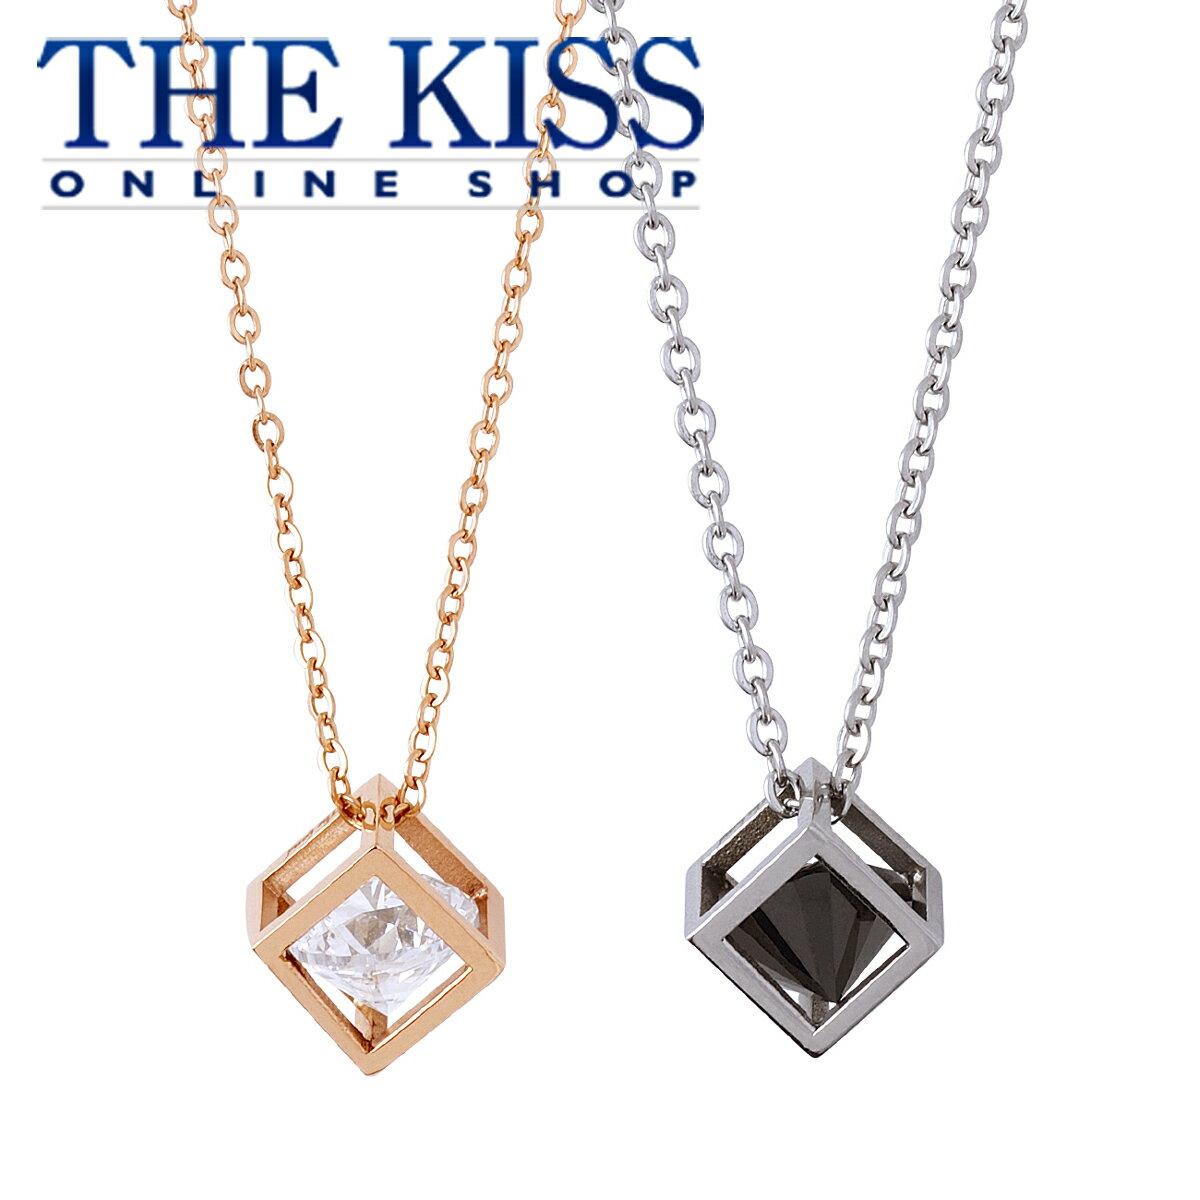 【あす楽対応】THE KISS 公式サイト シルバー ペアネックレス ペアアクセサリー カップル に 人気 の ジュエリーブランド THEKISS ペア ネックレス・ペンダント 記念日 プレゼント TPD3077CB-3078CB ザキス 【送料無料】